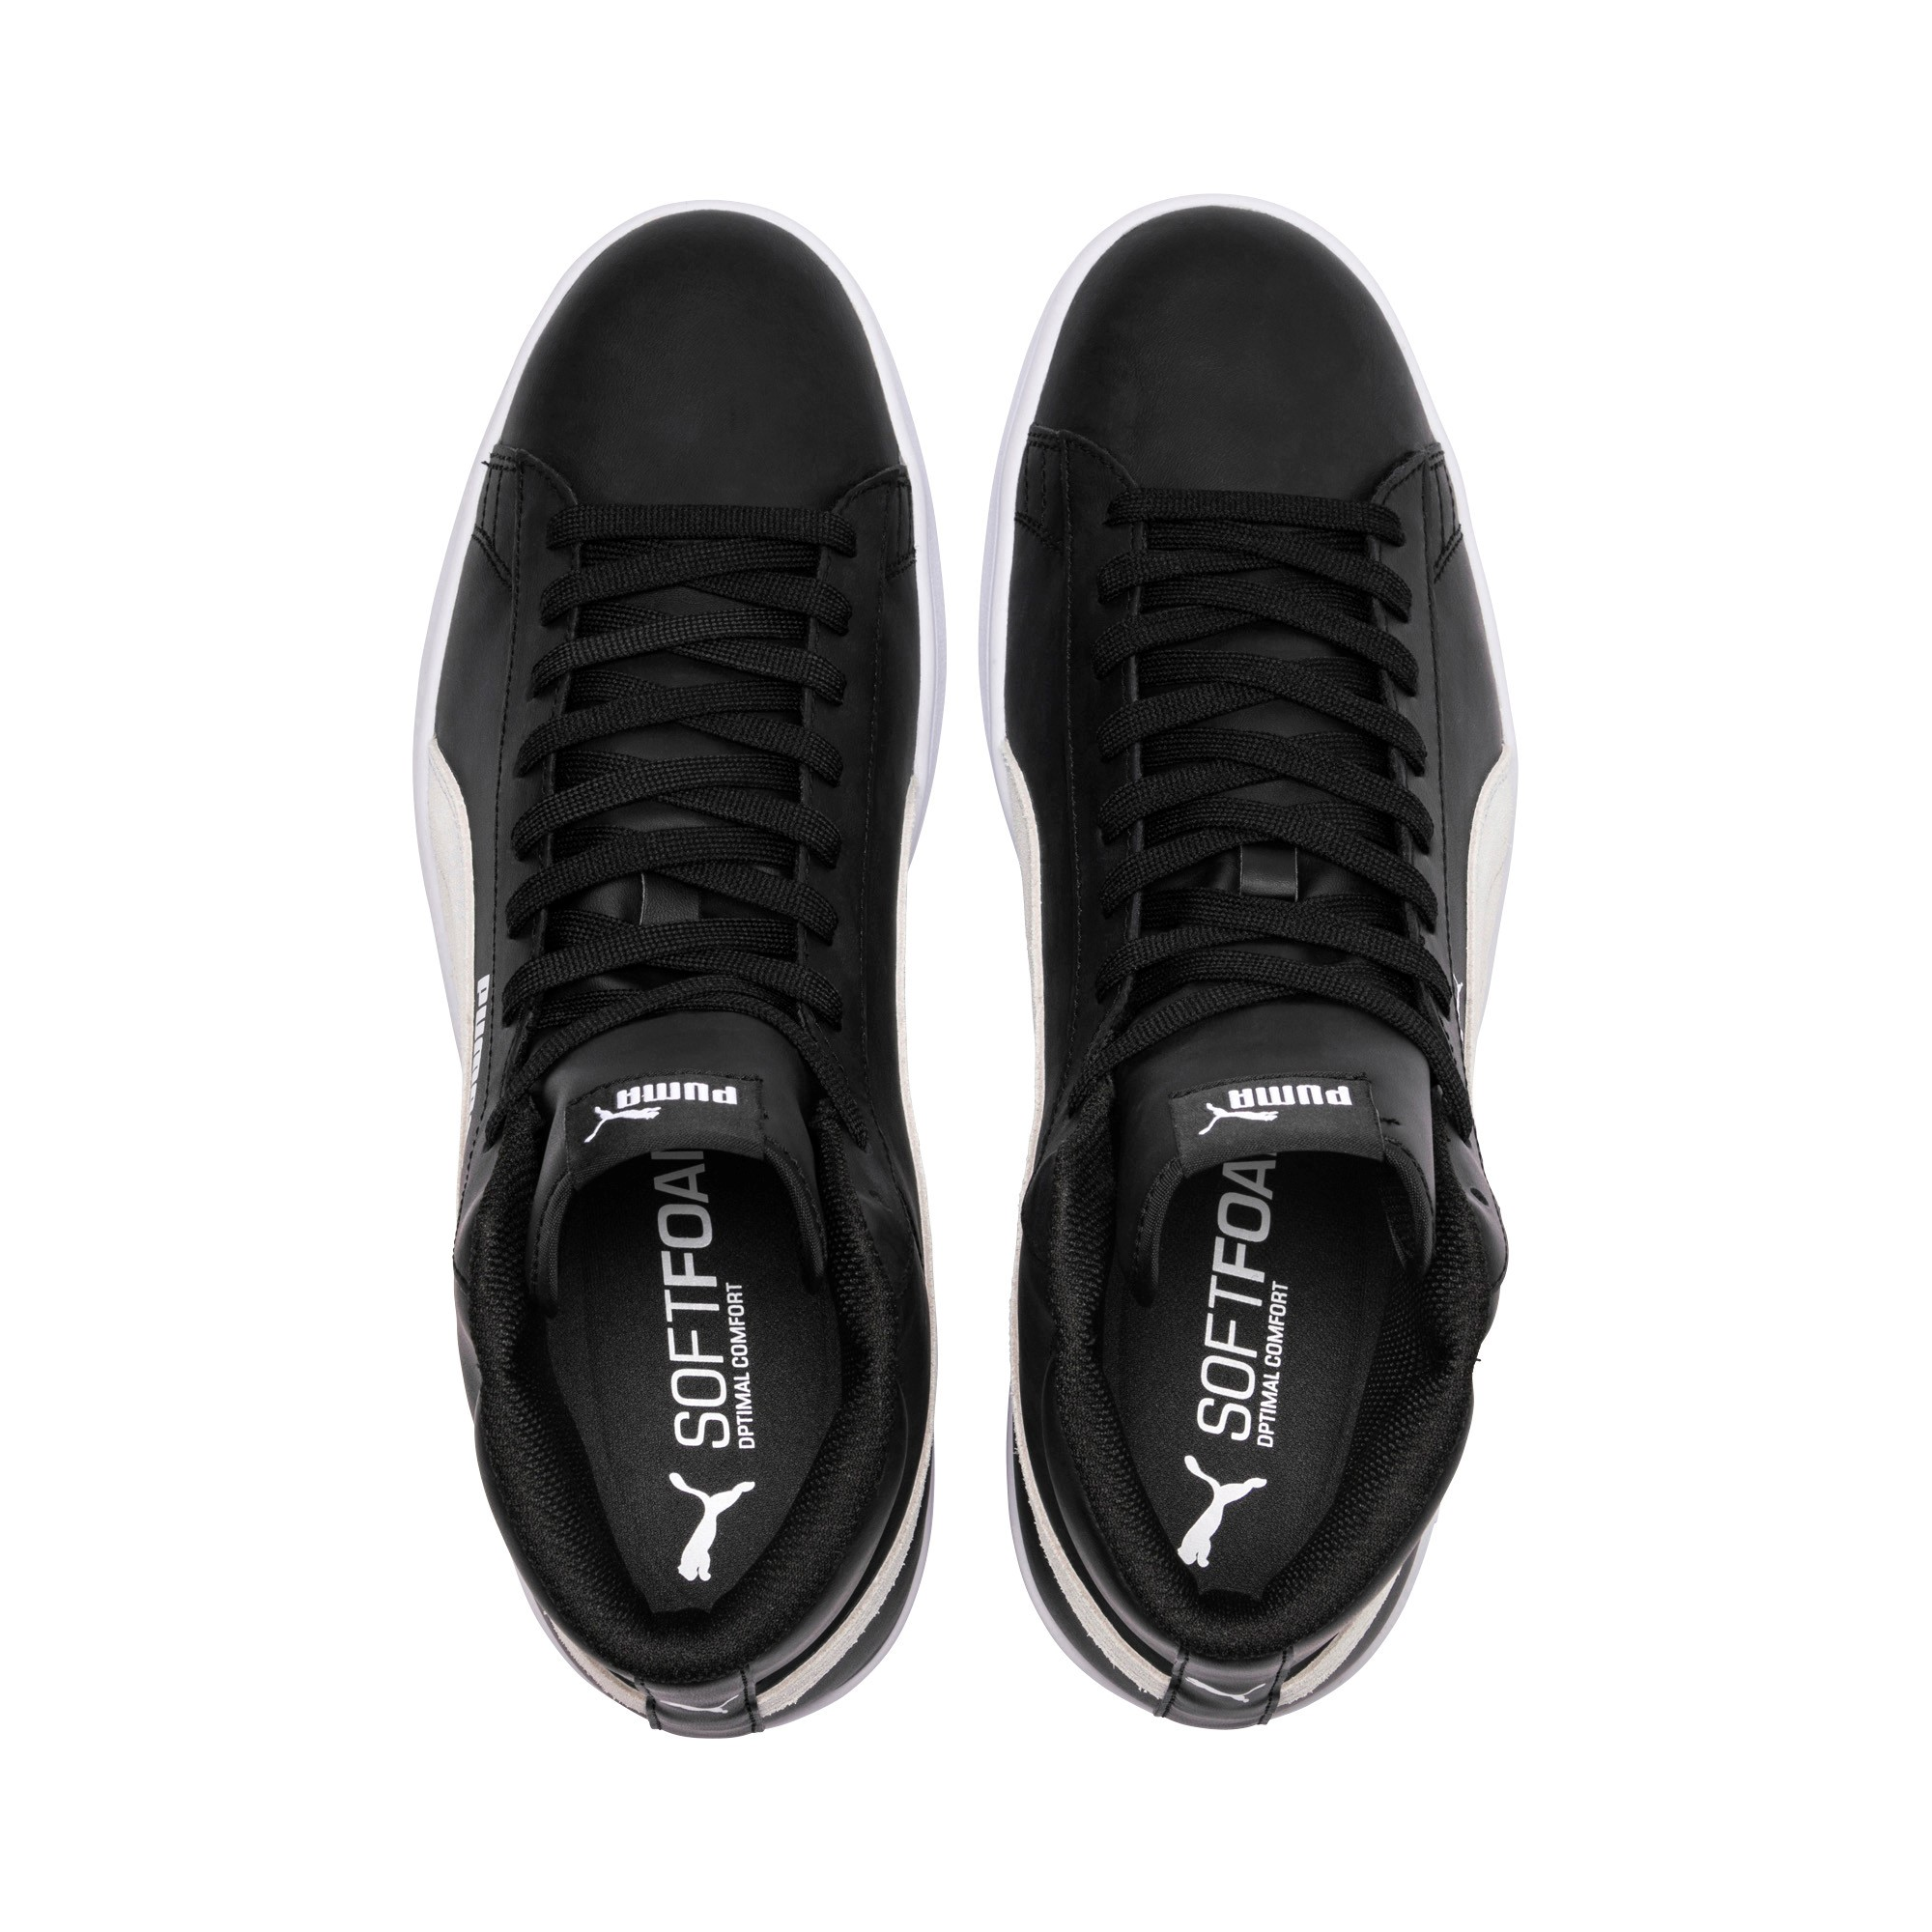 Puma-Scarpe-Sneakers-Sportive-Sportswear-SMASH-V2-L-Mid-2018-19-Nero-Uomo miniatura 7